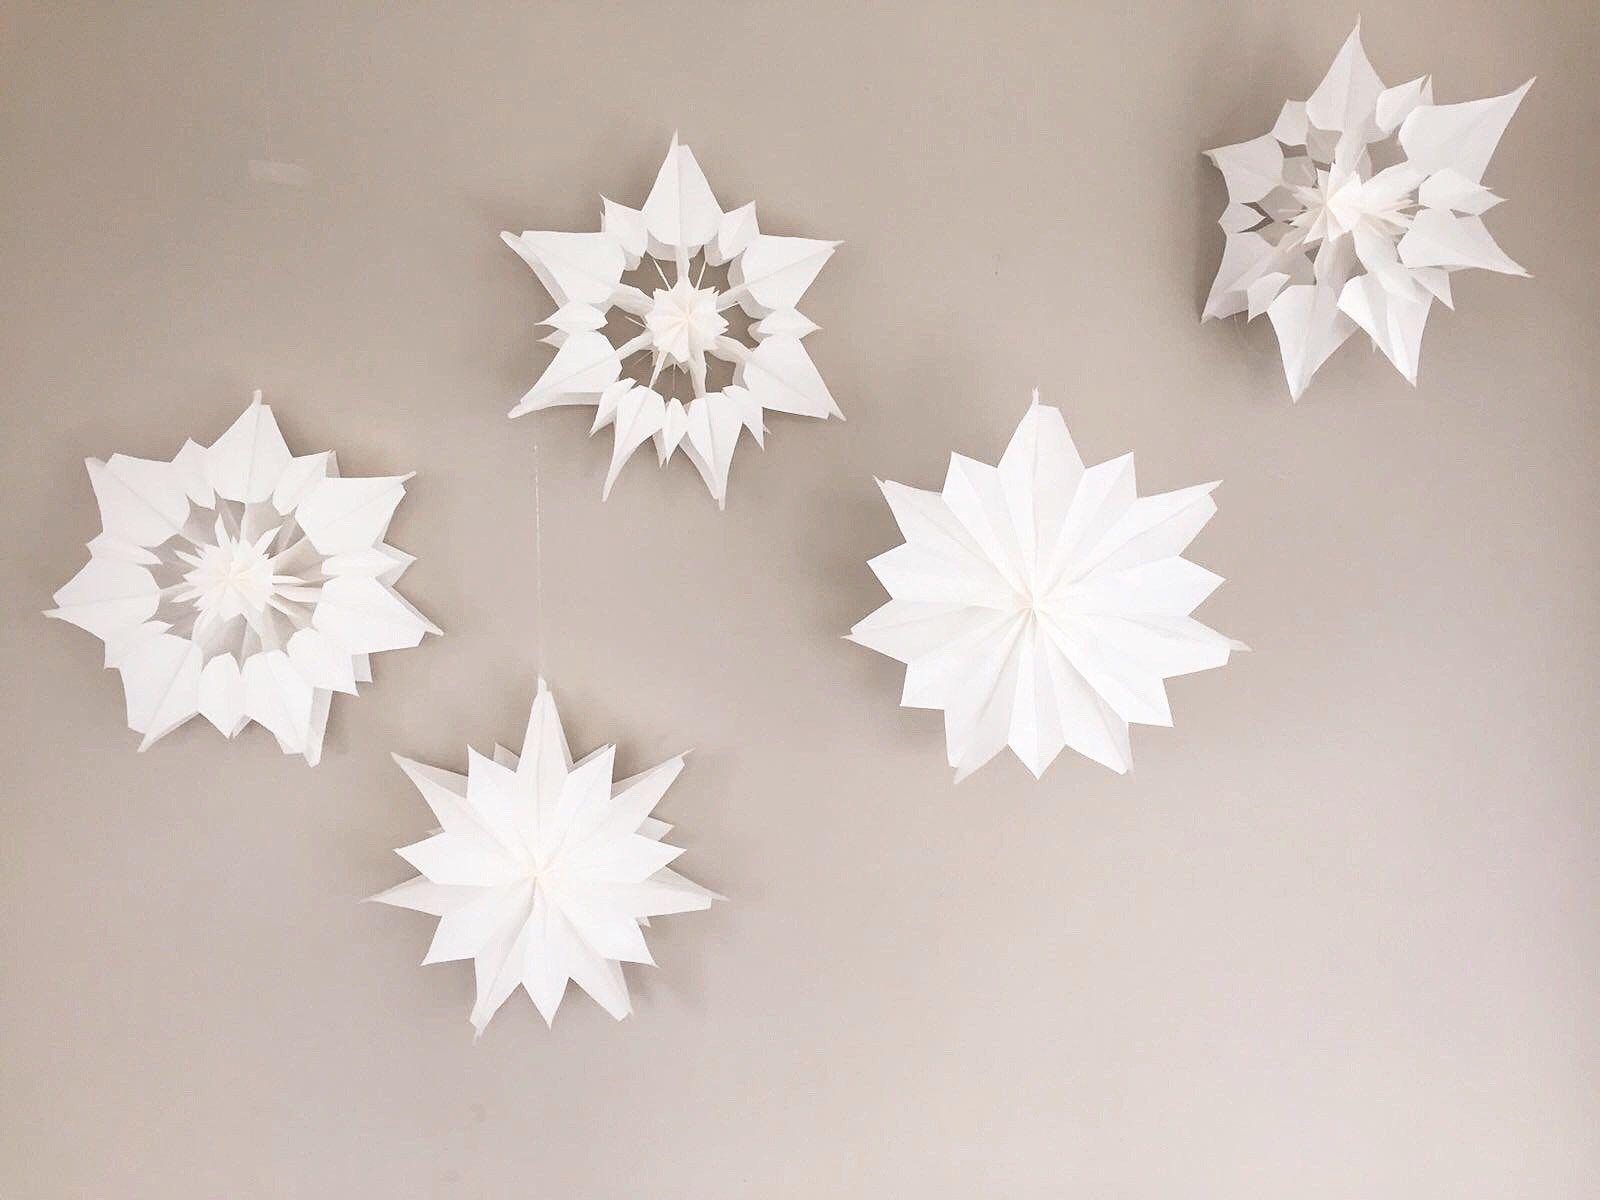 die besten 25 basteln im advent ideen auf pinterest kalender feiertage basteln im winter. Black Bedroom Furniture Sets. Home Design Ideas